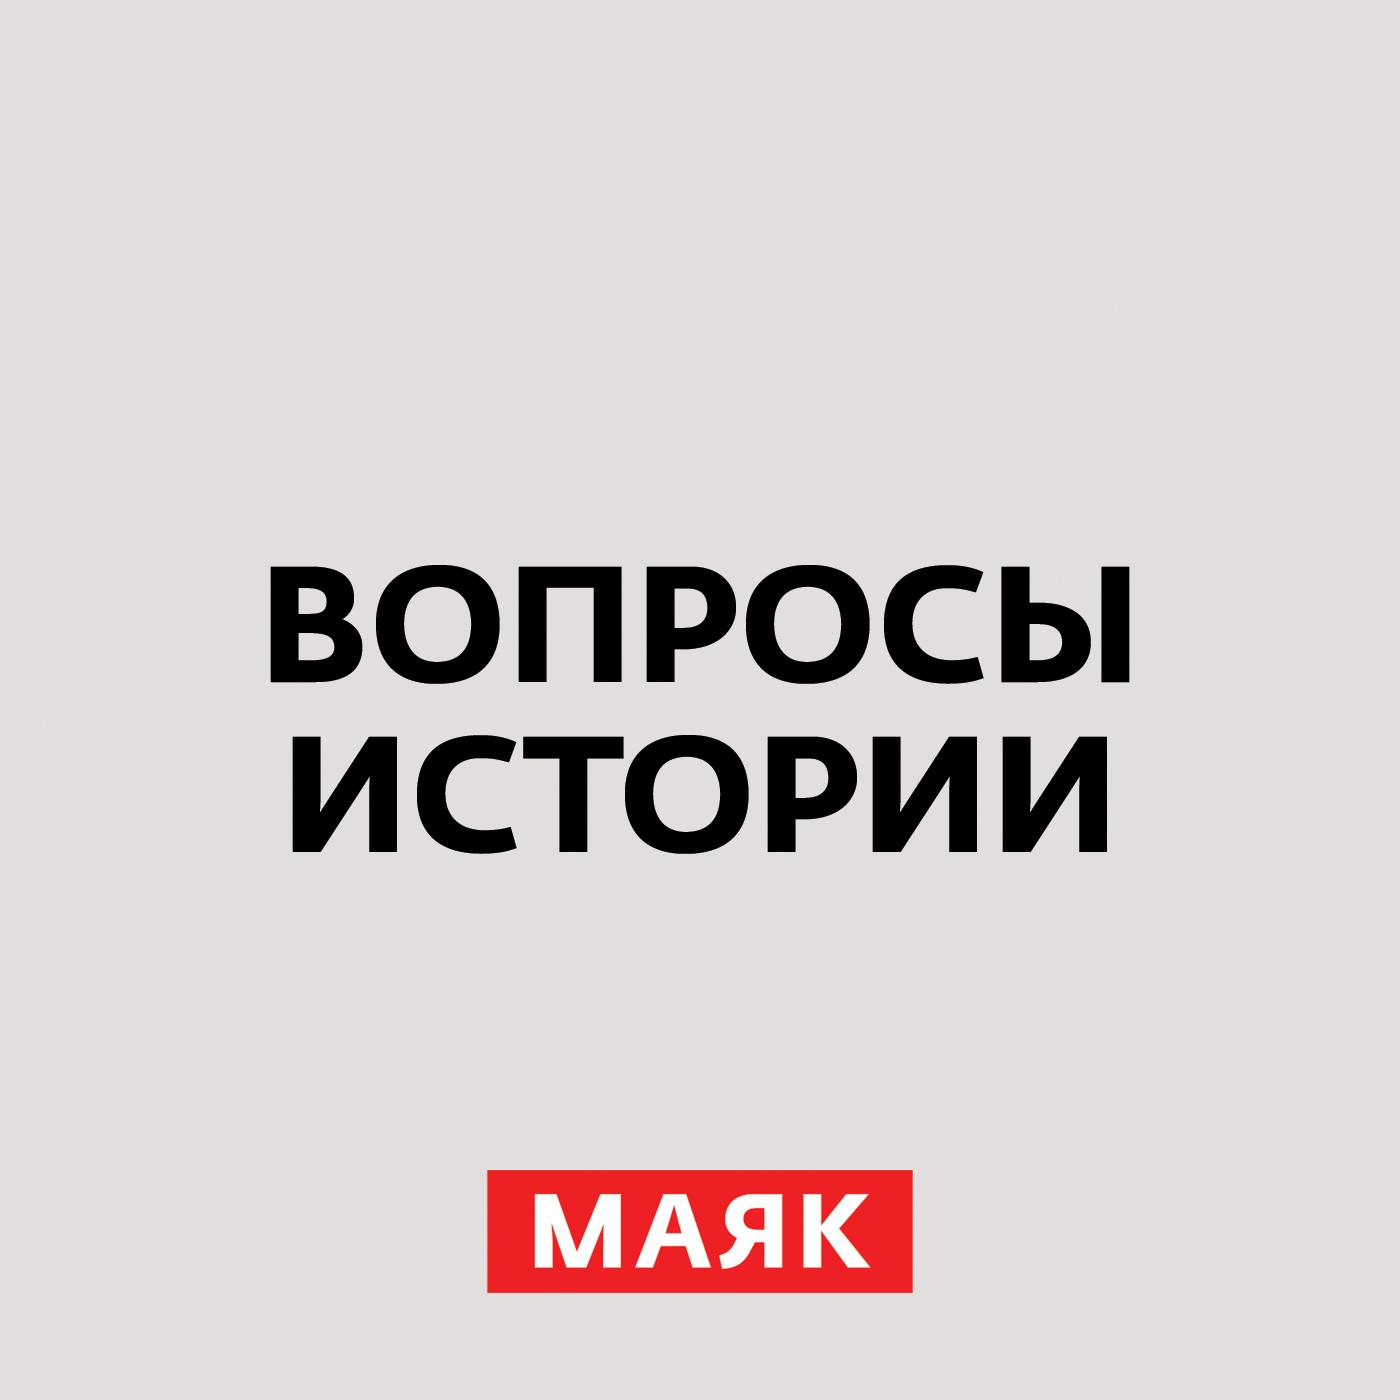 купить Андрей Светенко Первая наступательная операция Красной армии в 41-м. Часть 1 онлайн